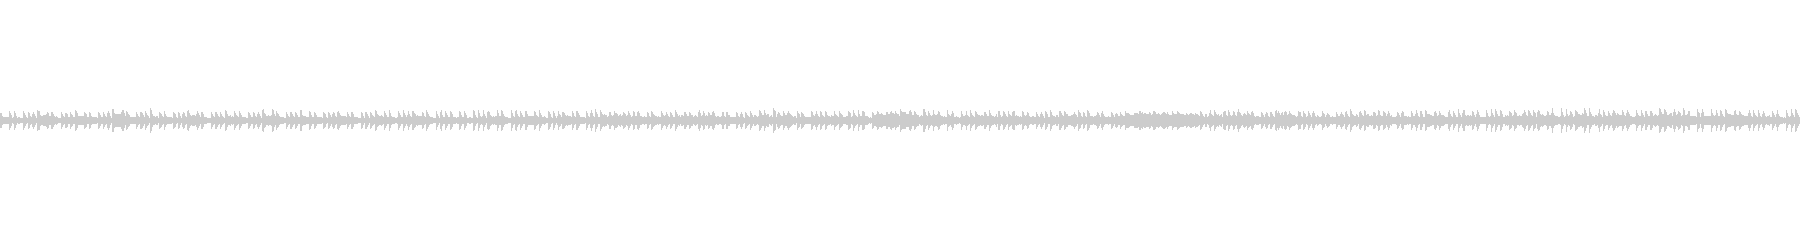 【ゲーム】フワーっ リラックス【ループ】の未再生の波形